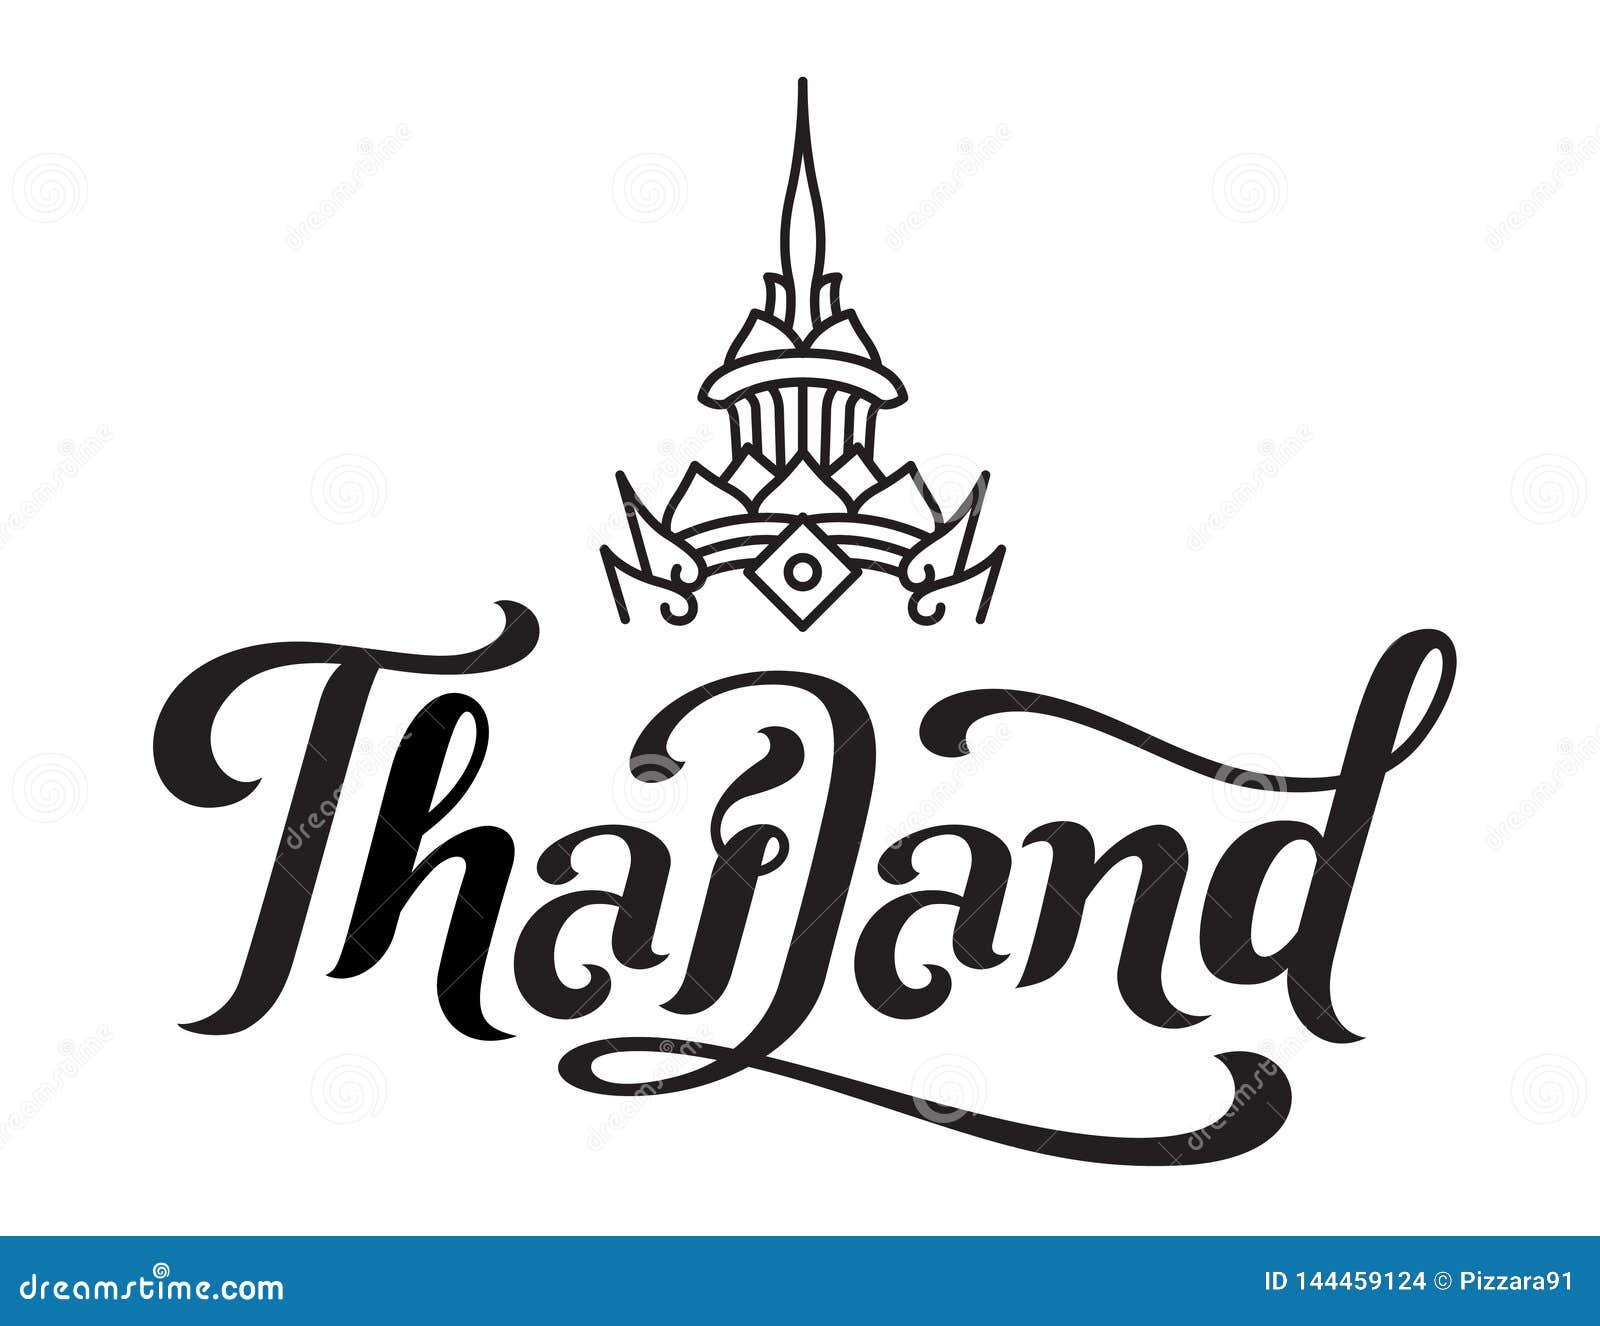 Typographie de la Thaïlande dans la brosse de style de calligraphie avec schéma oriental couronne